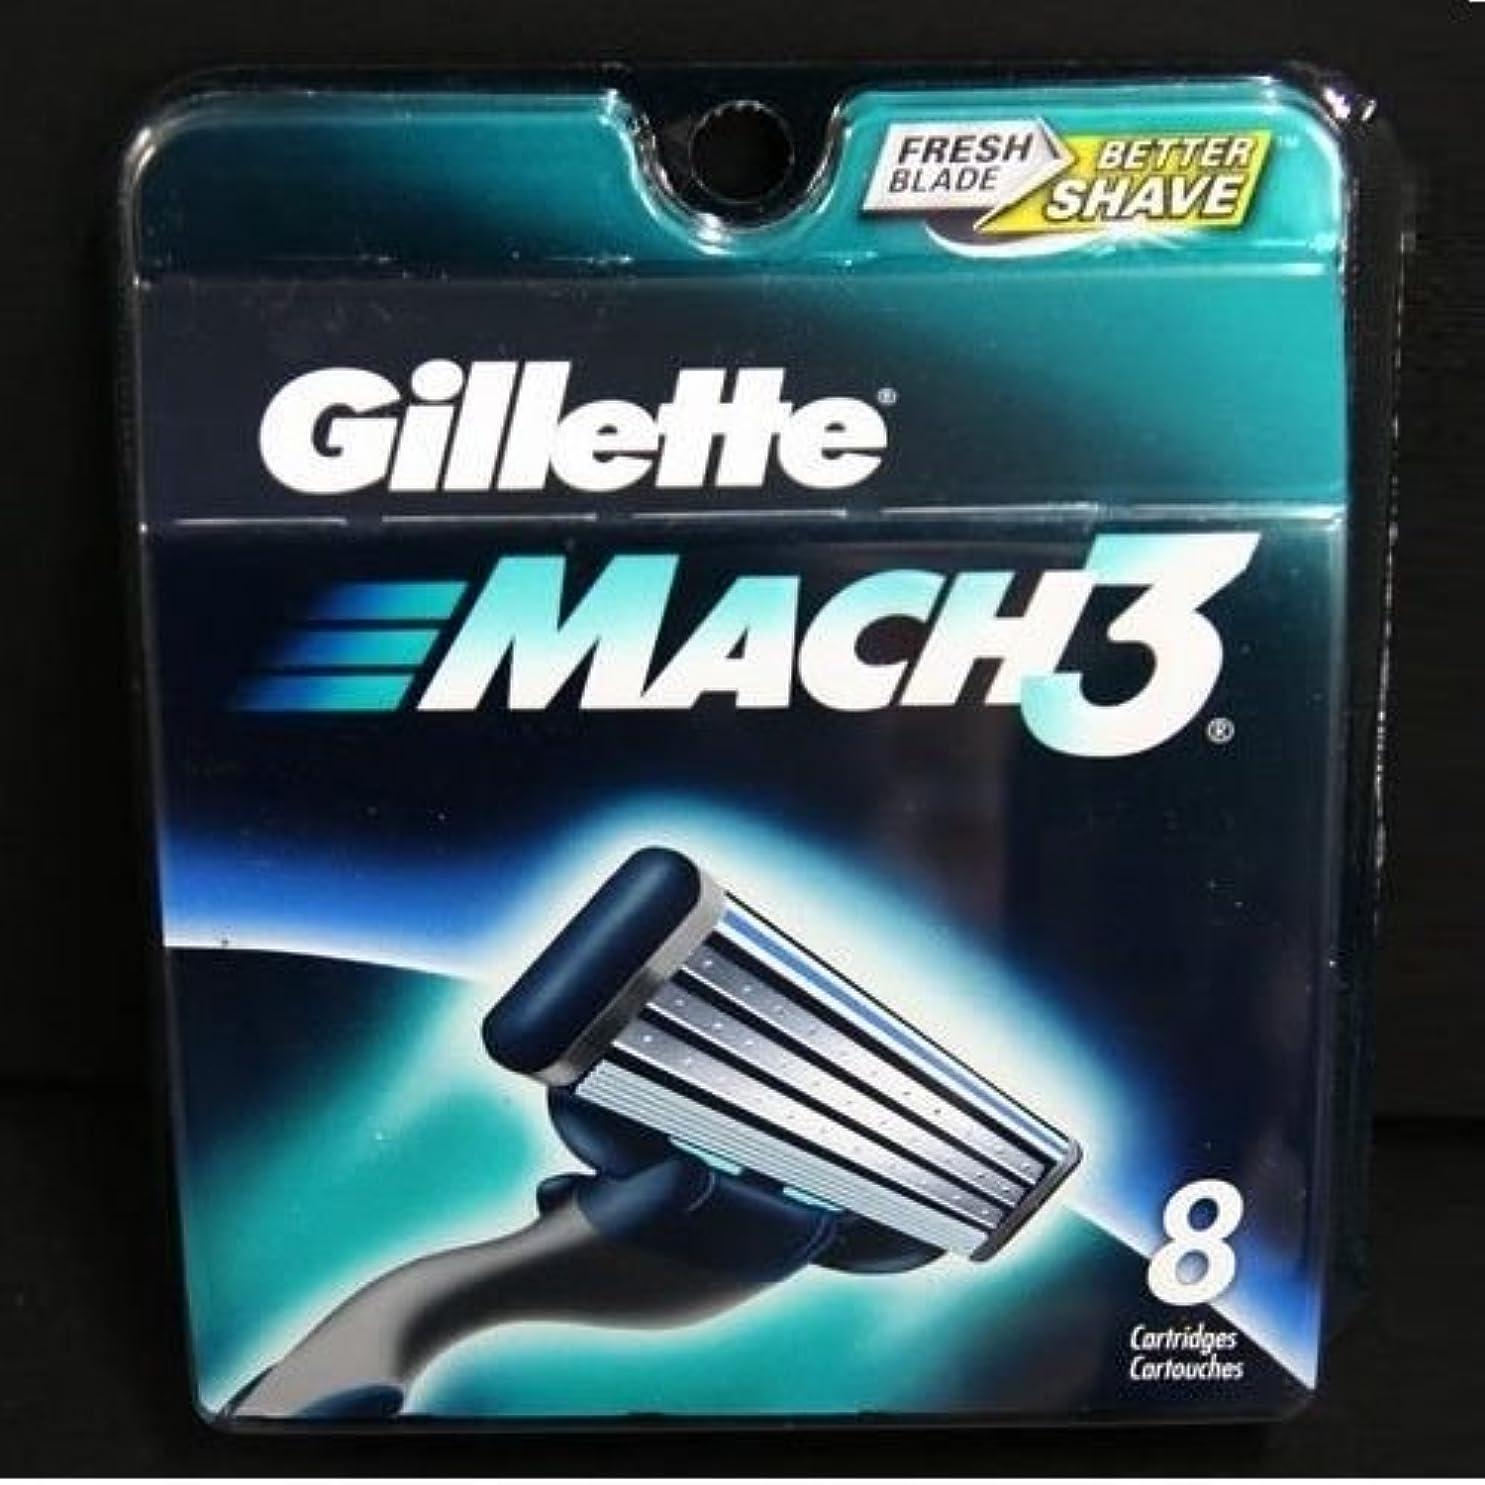 いとこ原稿浜辺Gillette MACH3 SHAVING RAZOR カートリッジブレード 8 Pack [並行輸入品]